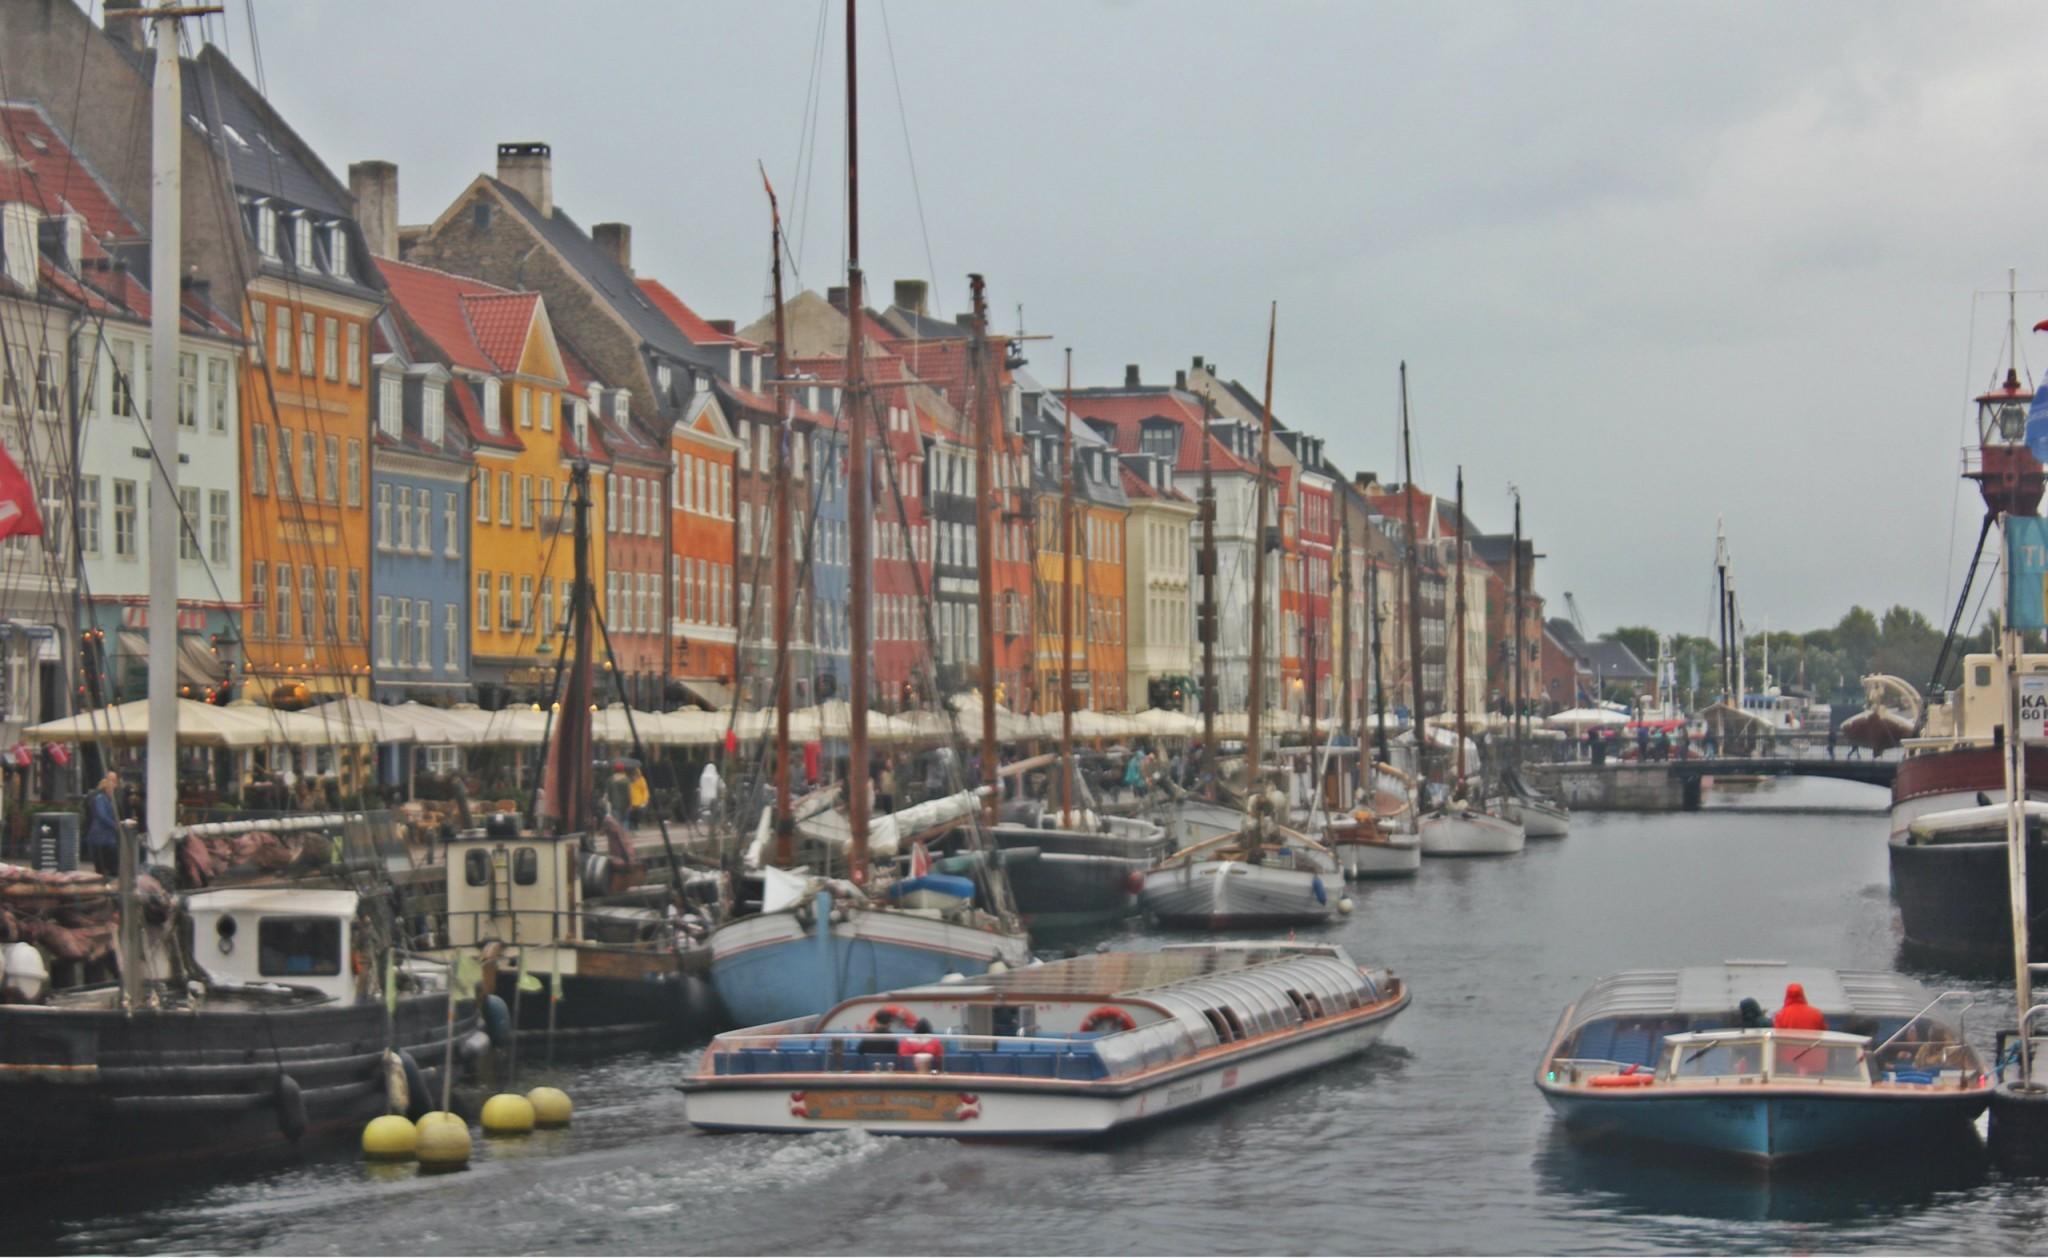 newhavn-kopengagen